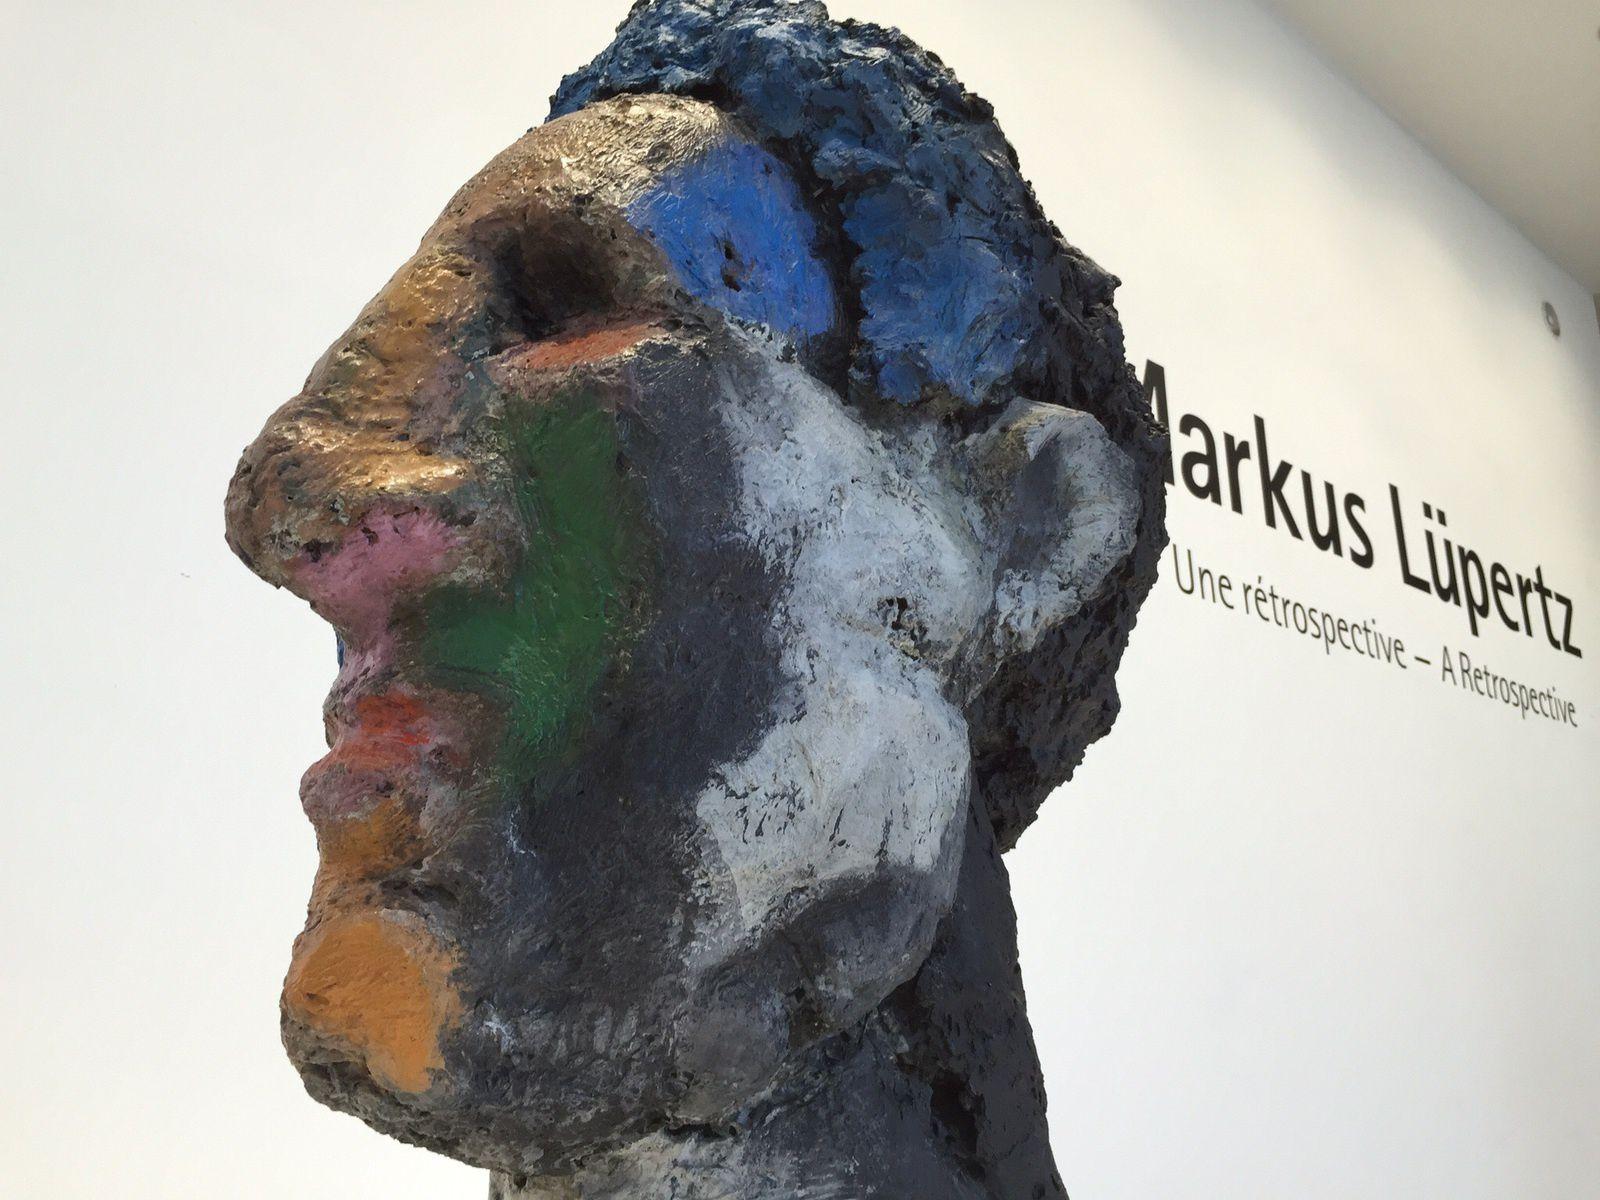 Markus lüpertz au Musée d'Art Moderne de la ville de Paris.